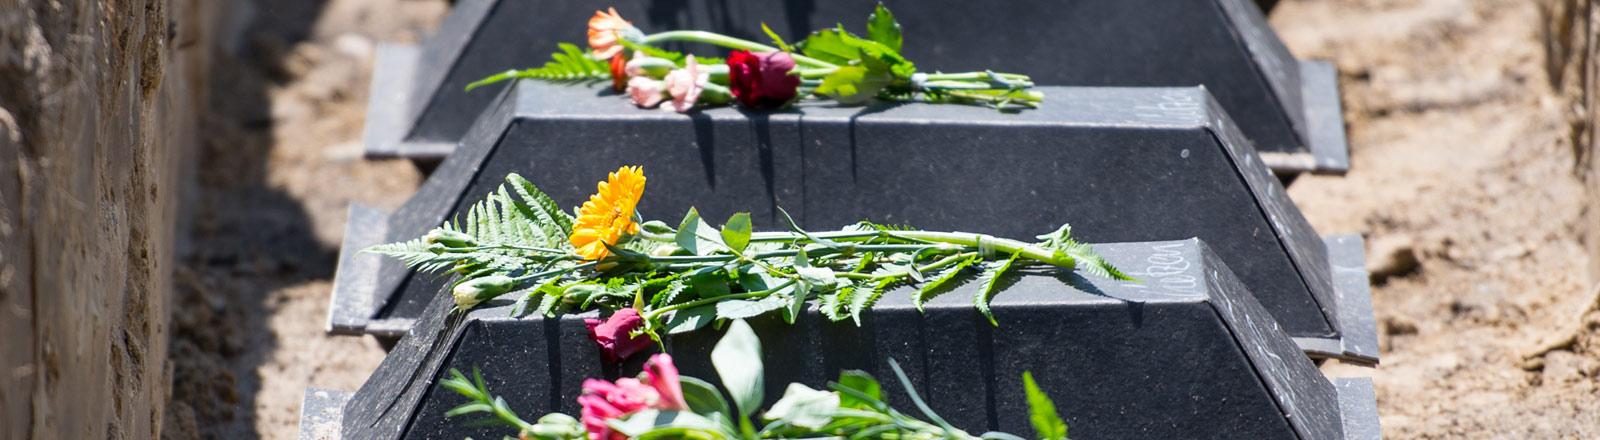 Aufgereihte Särge mit Blumen